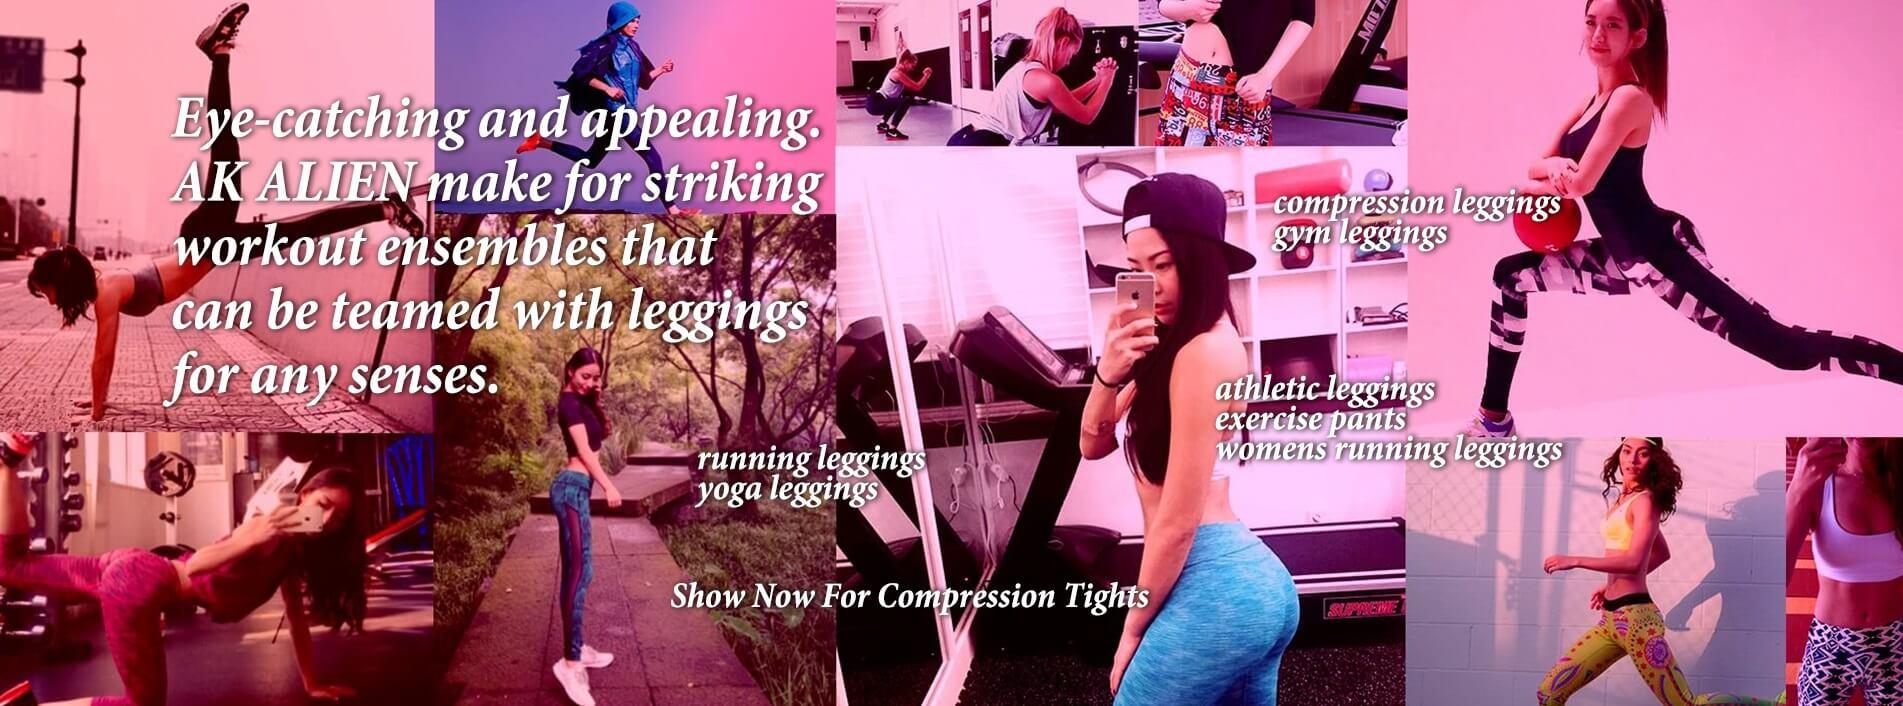 running leggings gym leggings athletic leggings of eye-catching and appealing.